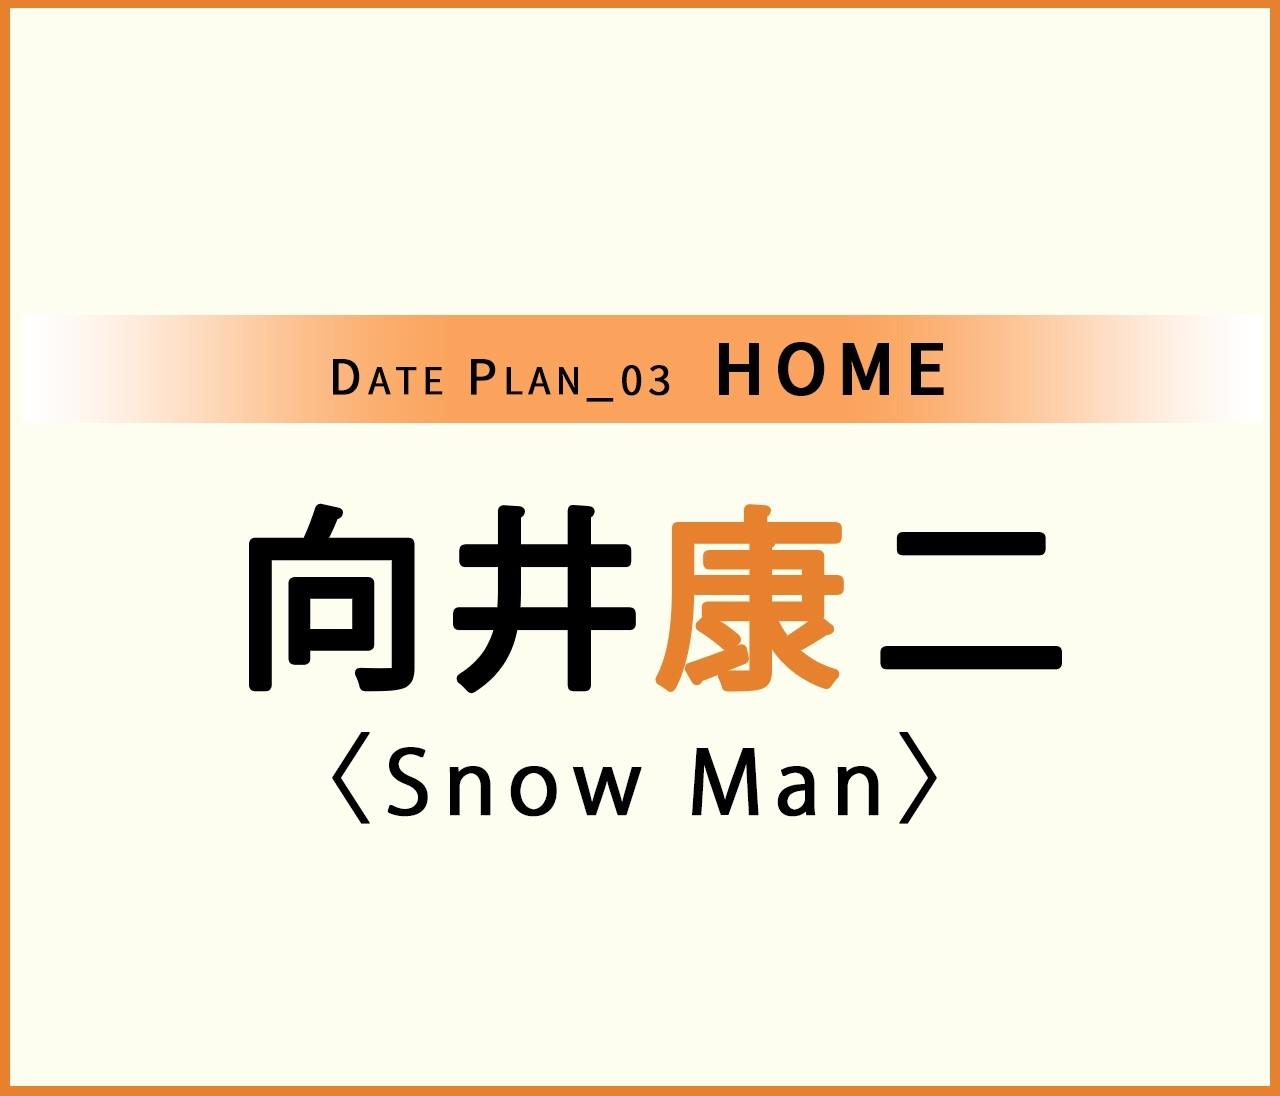 【Snow Man 向井康二くん】お家デートで向井くんがしたいことって?